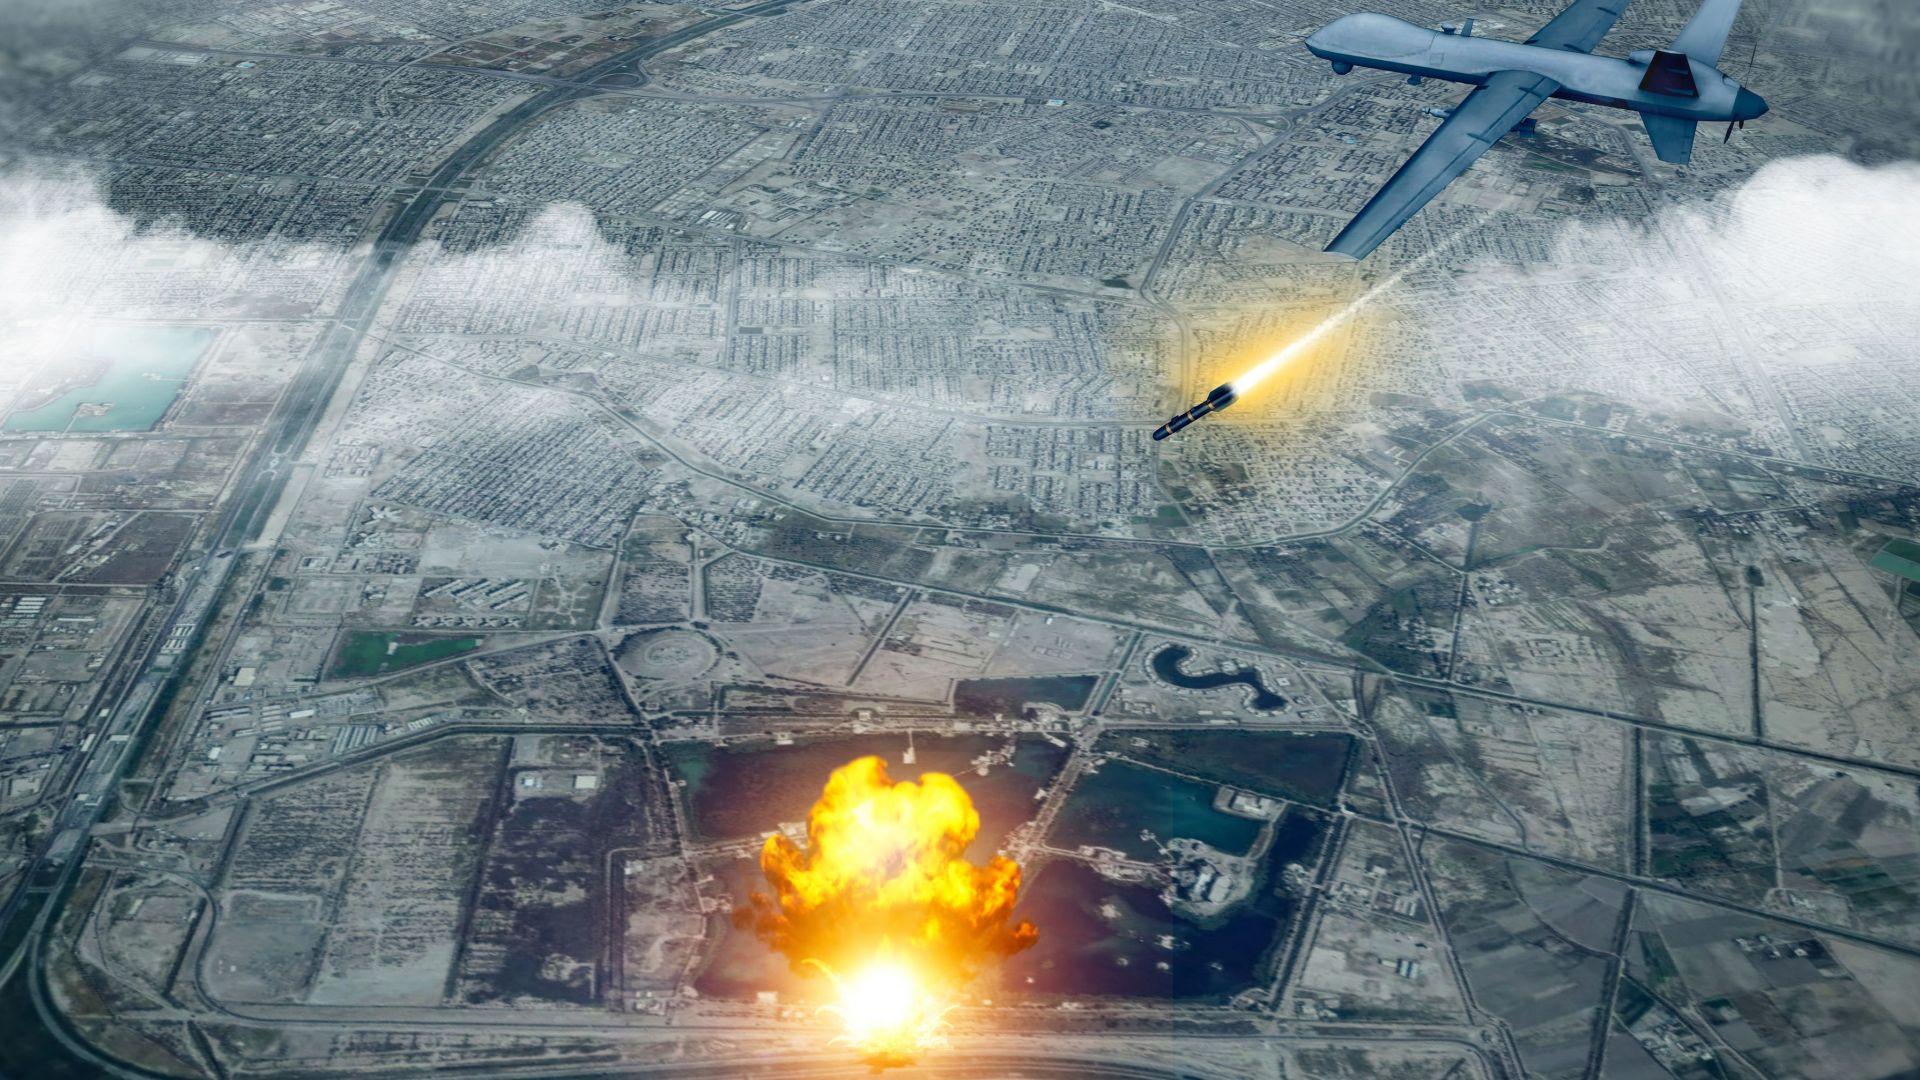 Нападение с дронове срещу летище в Ирак